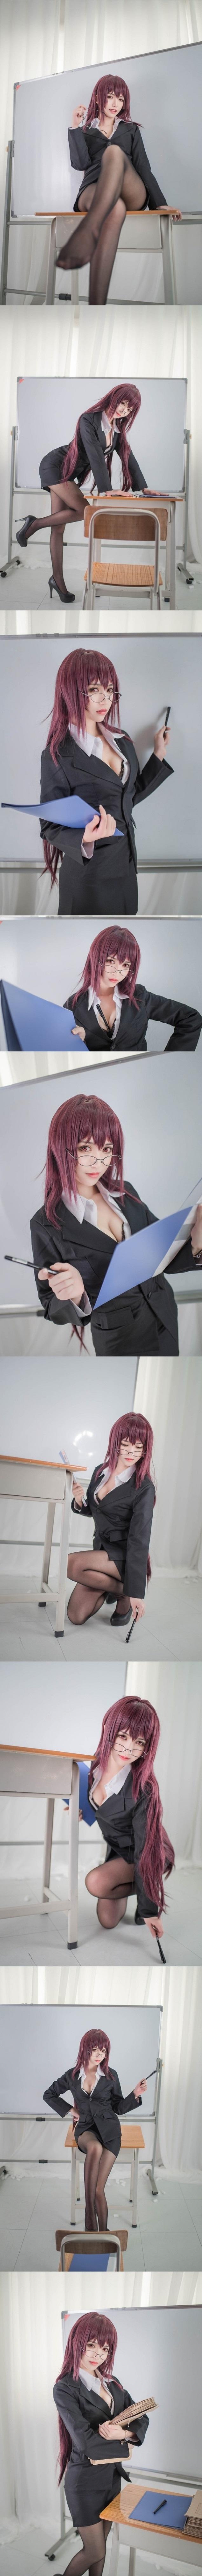 Cosplay giáo viên Scathach cực gợi cảm trong Fate/Grand Order